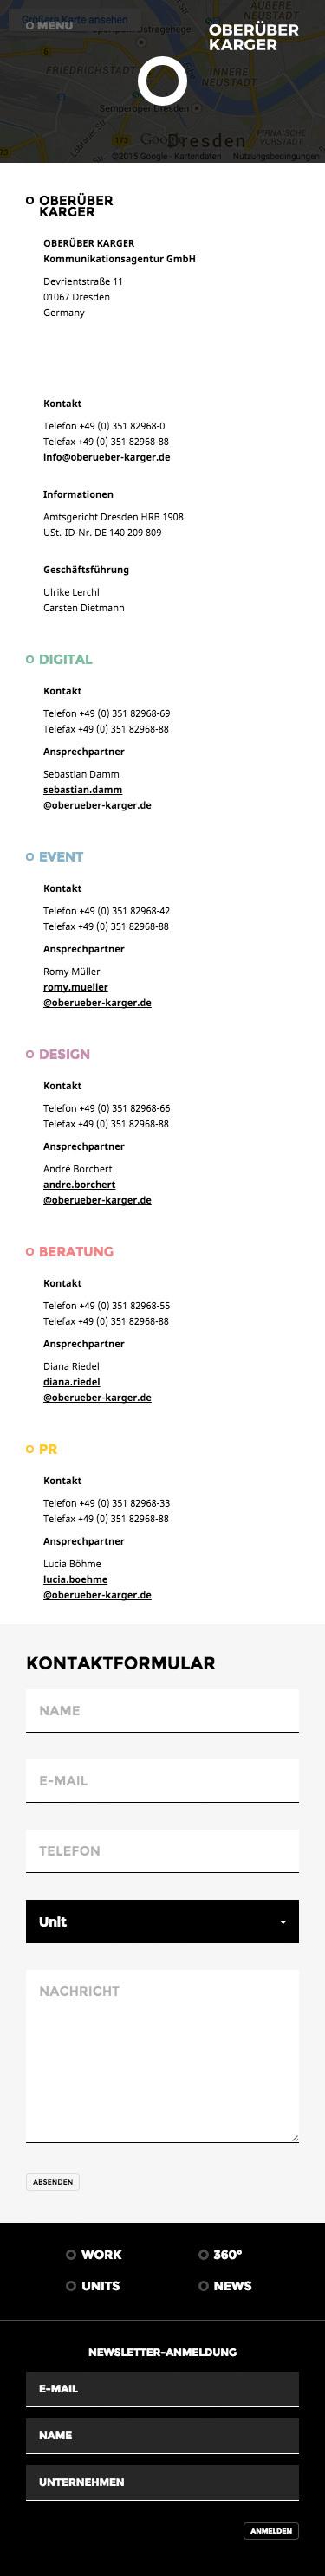 Oberueber Karger 23